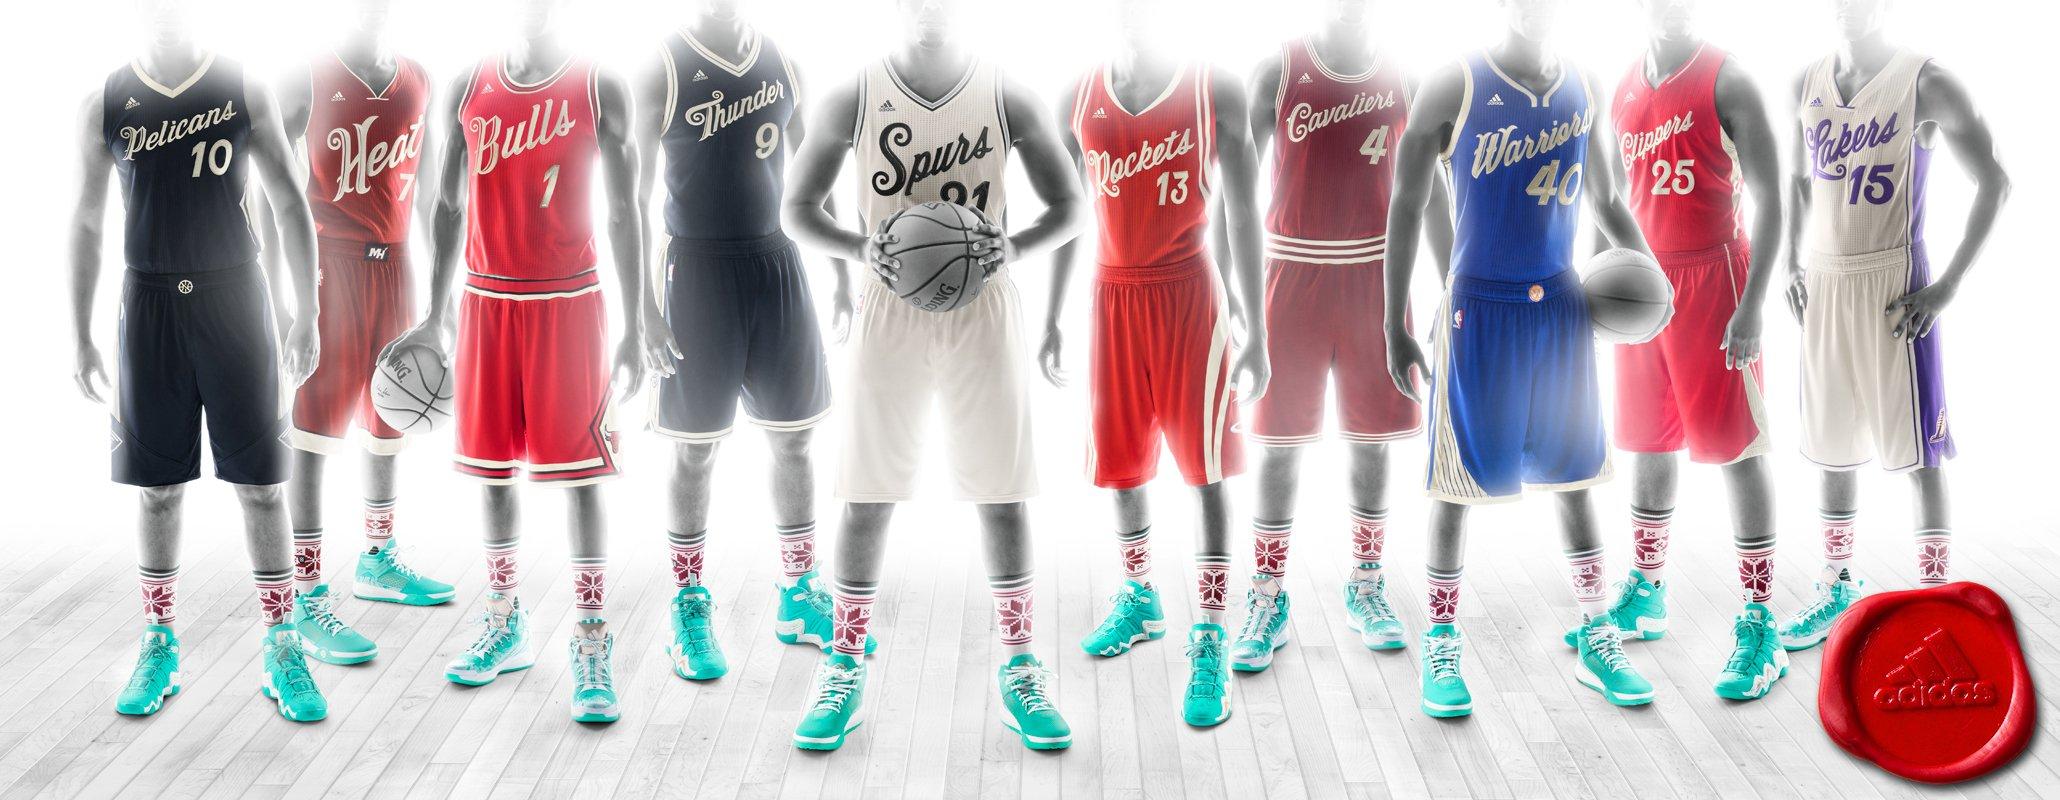 Nike lebron 11 christmas socks